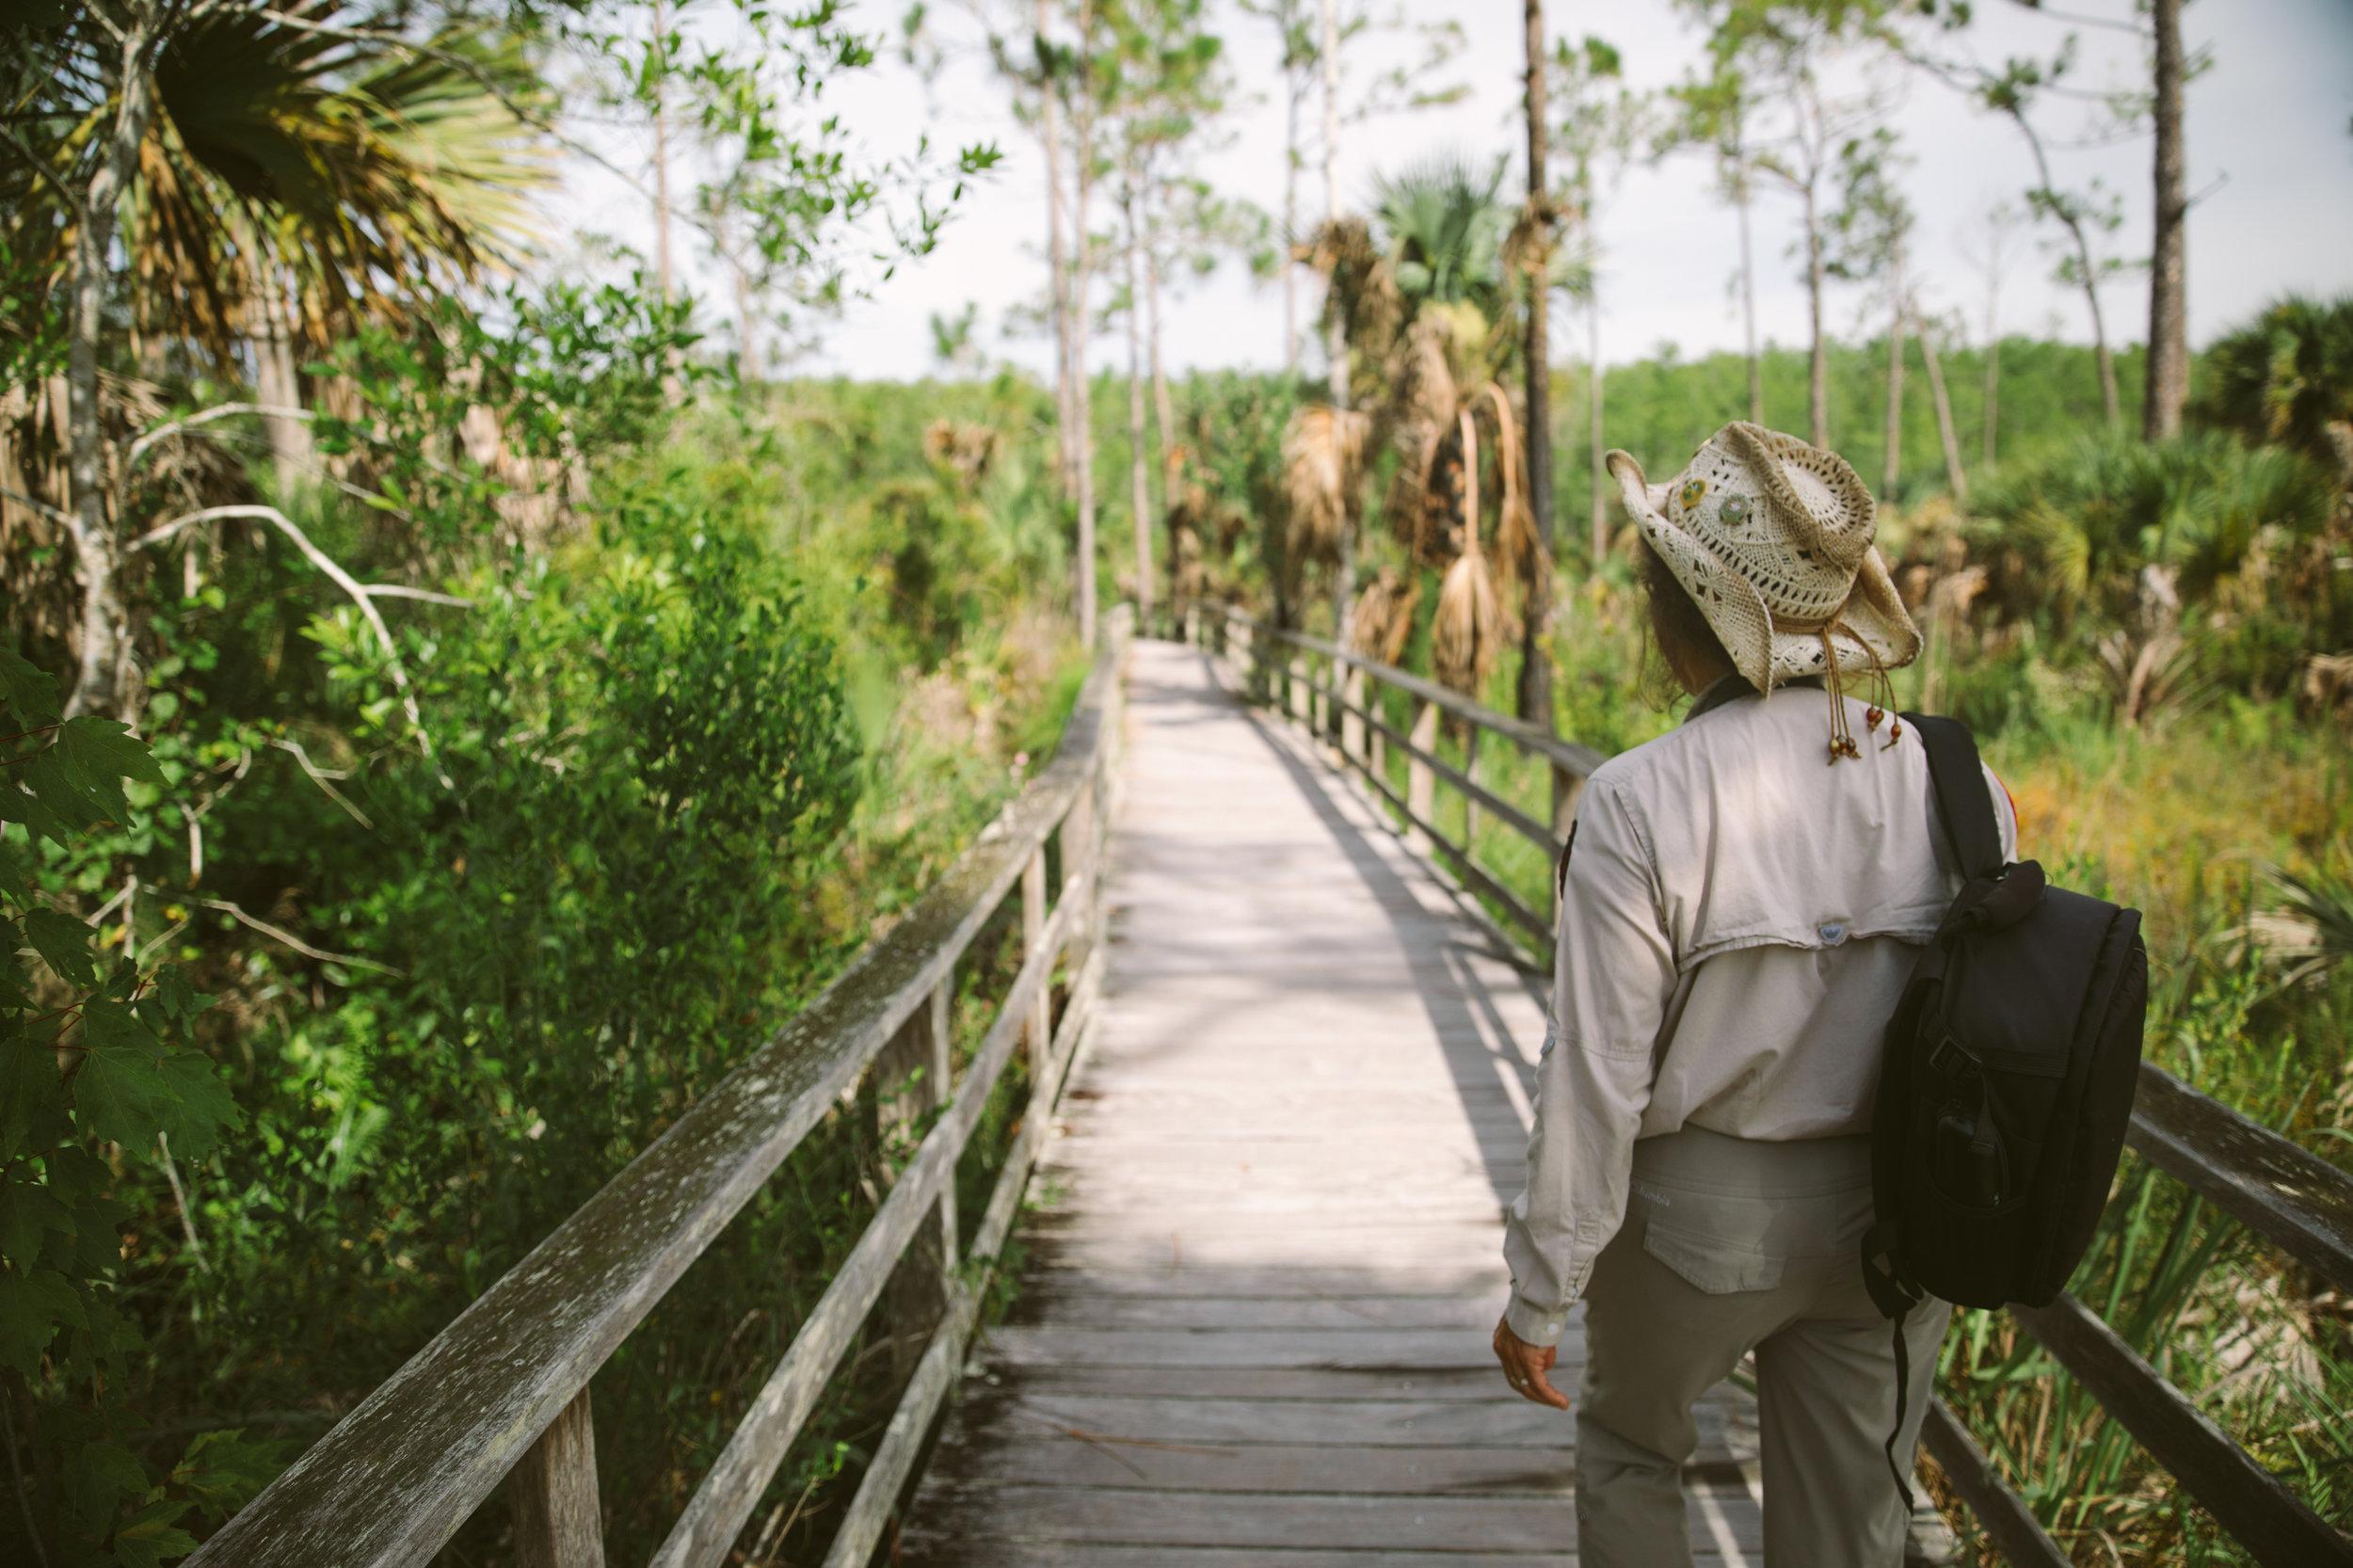 Florida-ElenaPressprich-1.jpg